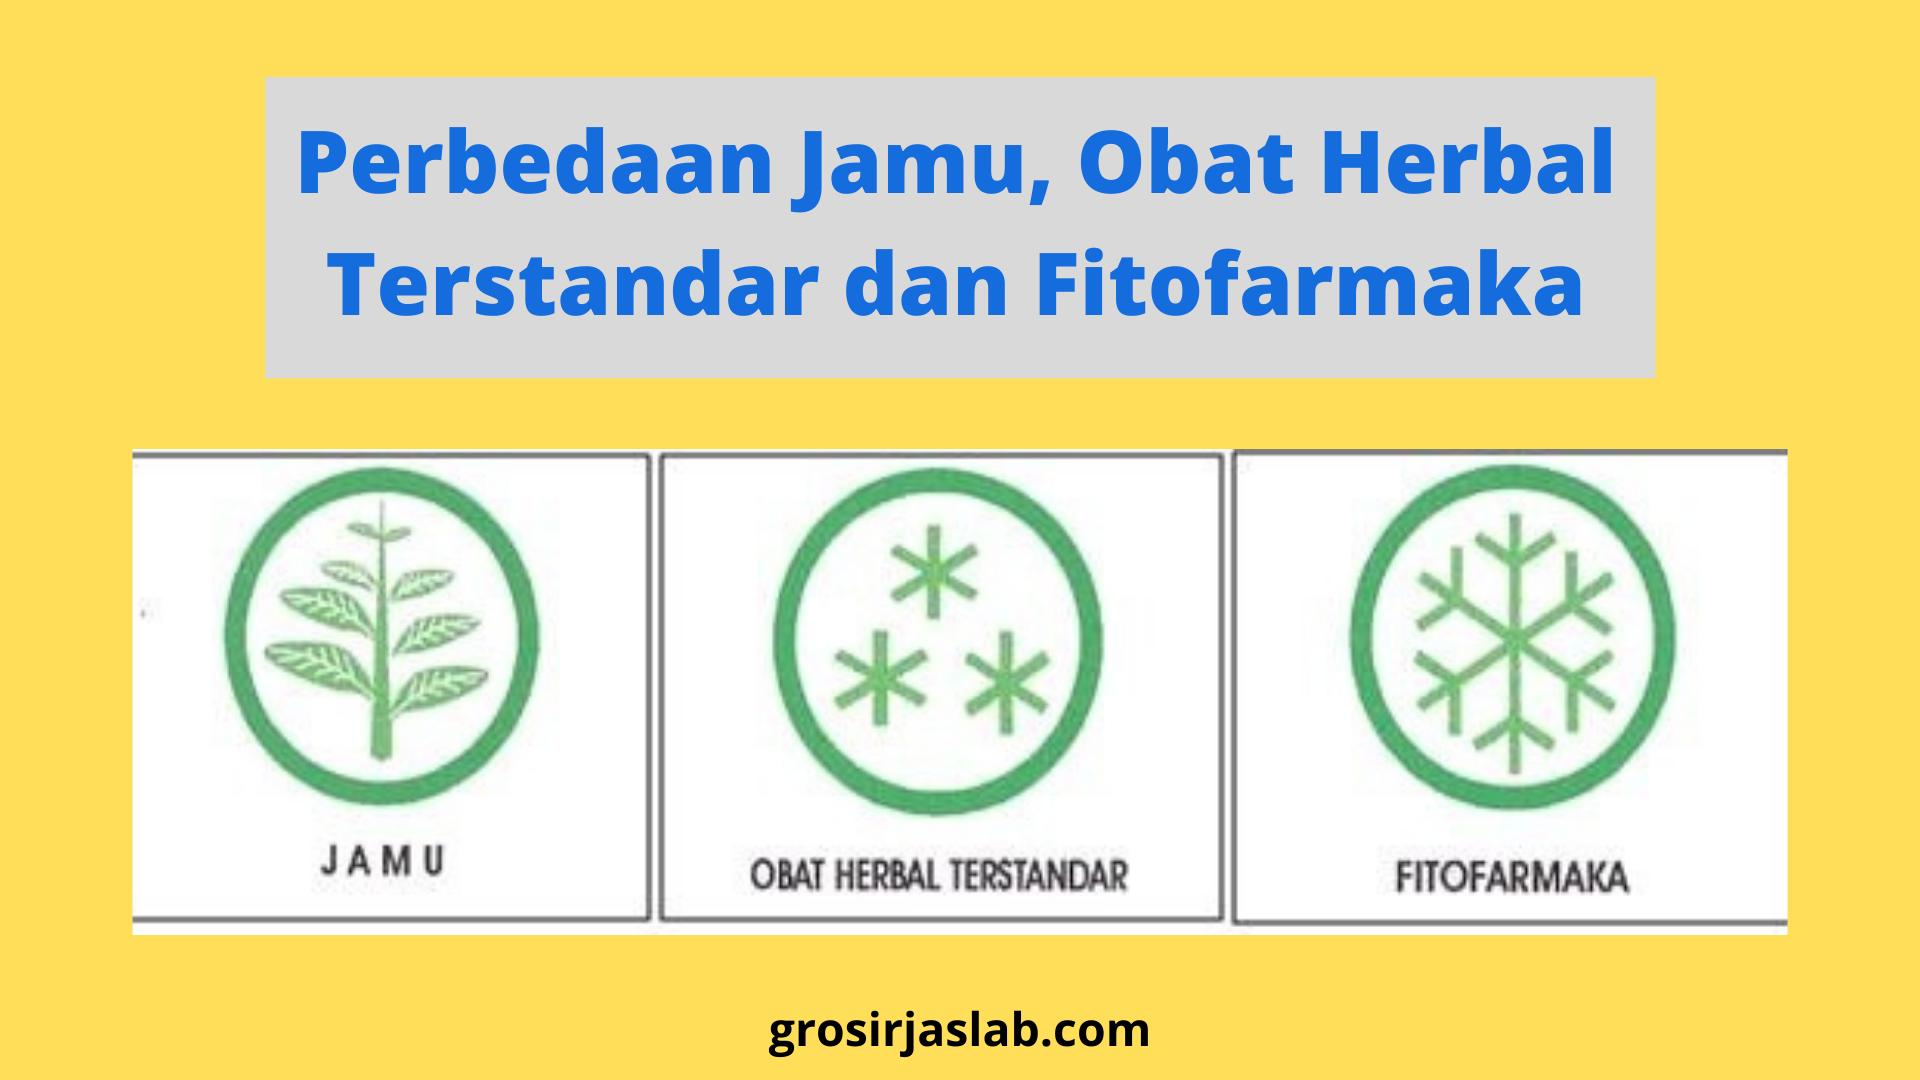 Perbedaan Jamu, Obat Herbal Terstandar dan Fitofarmaka